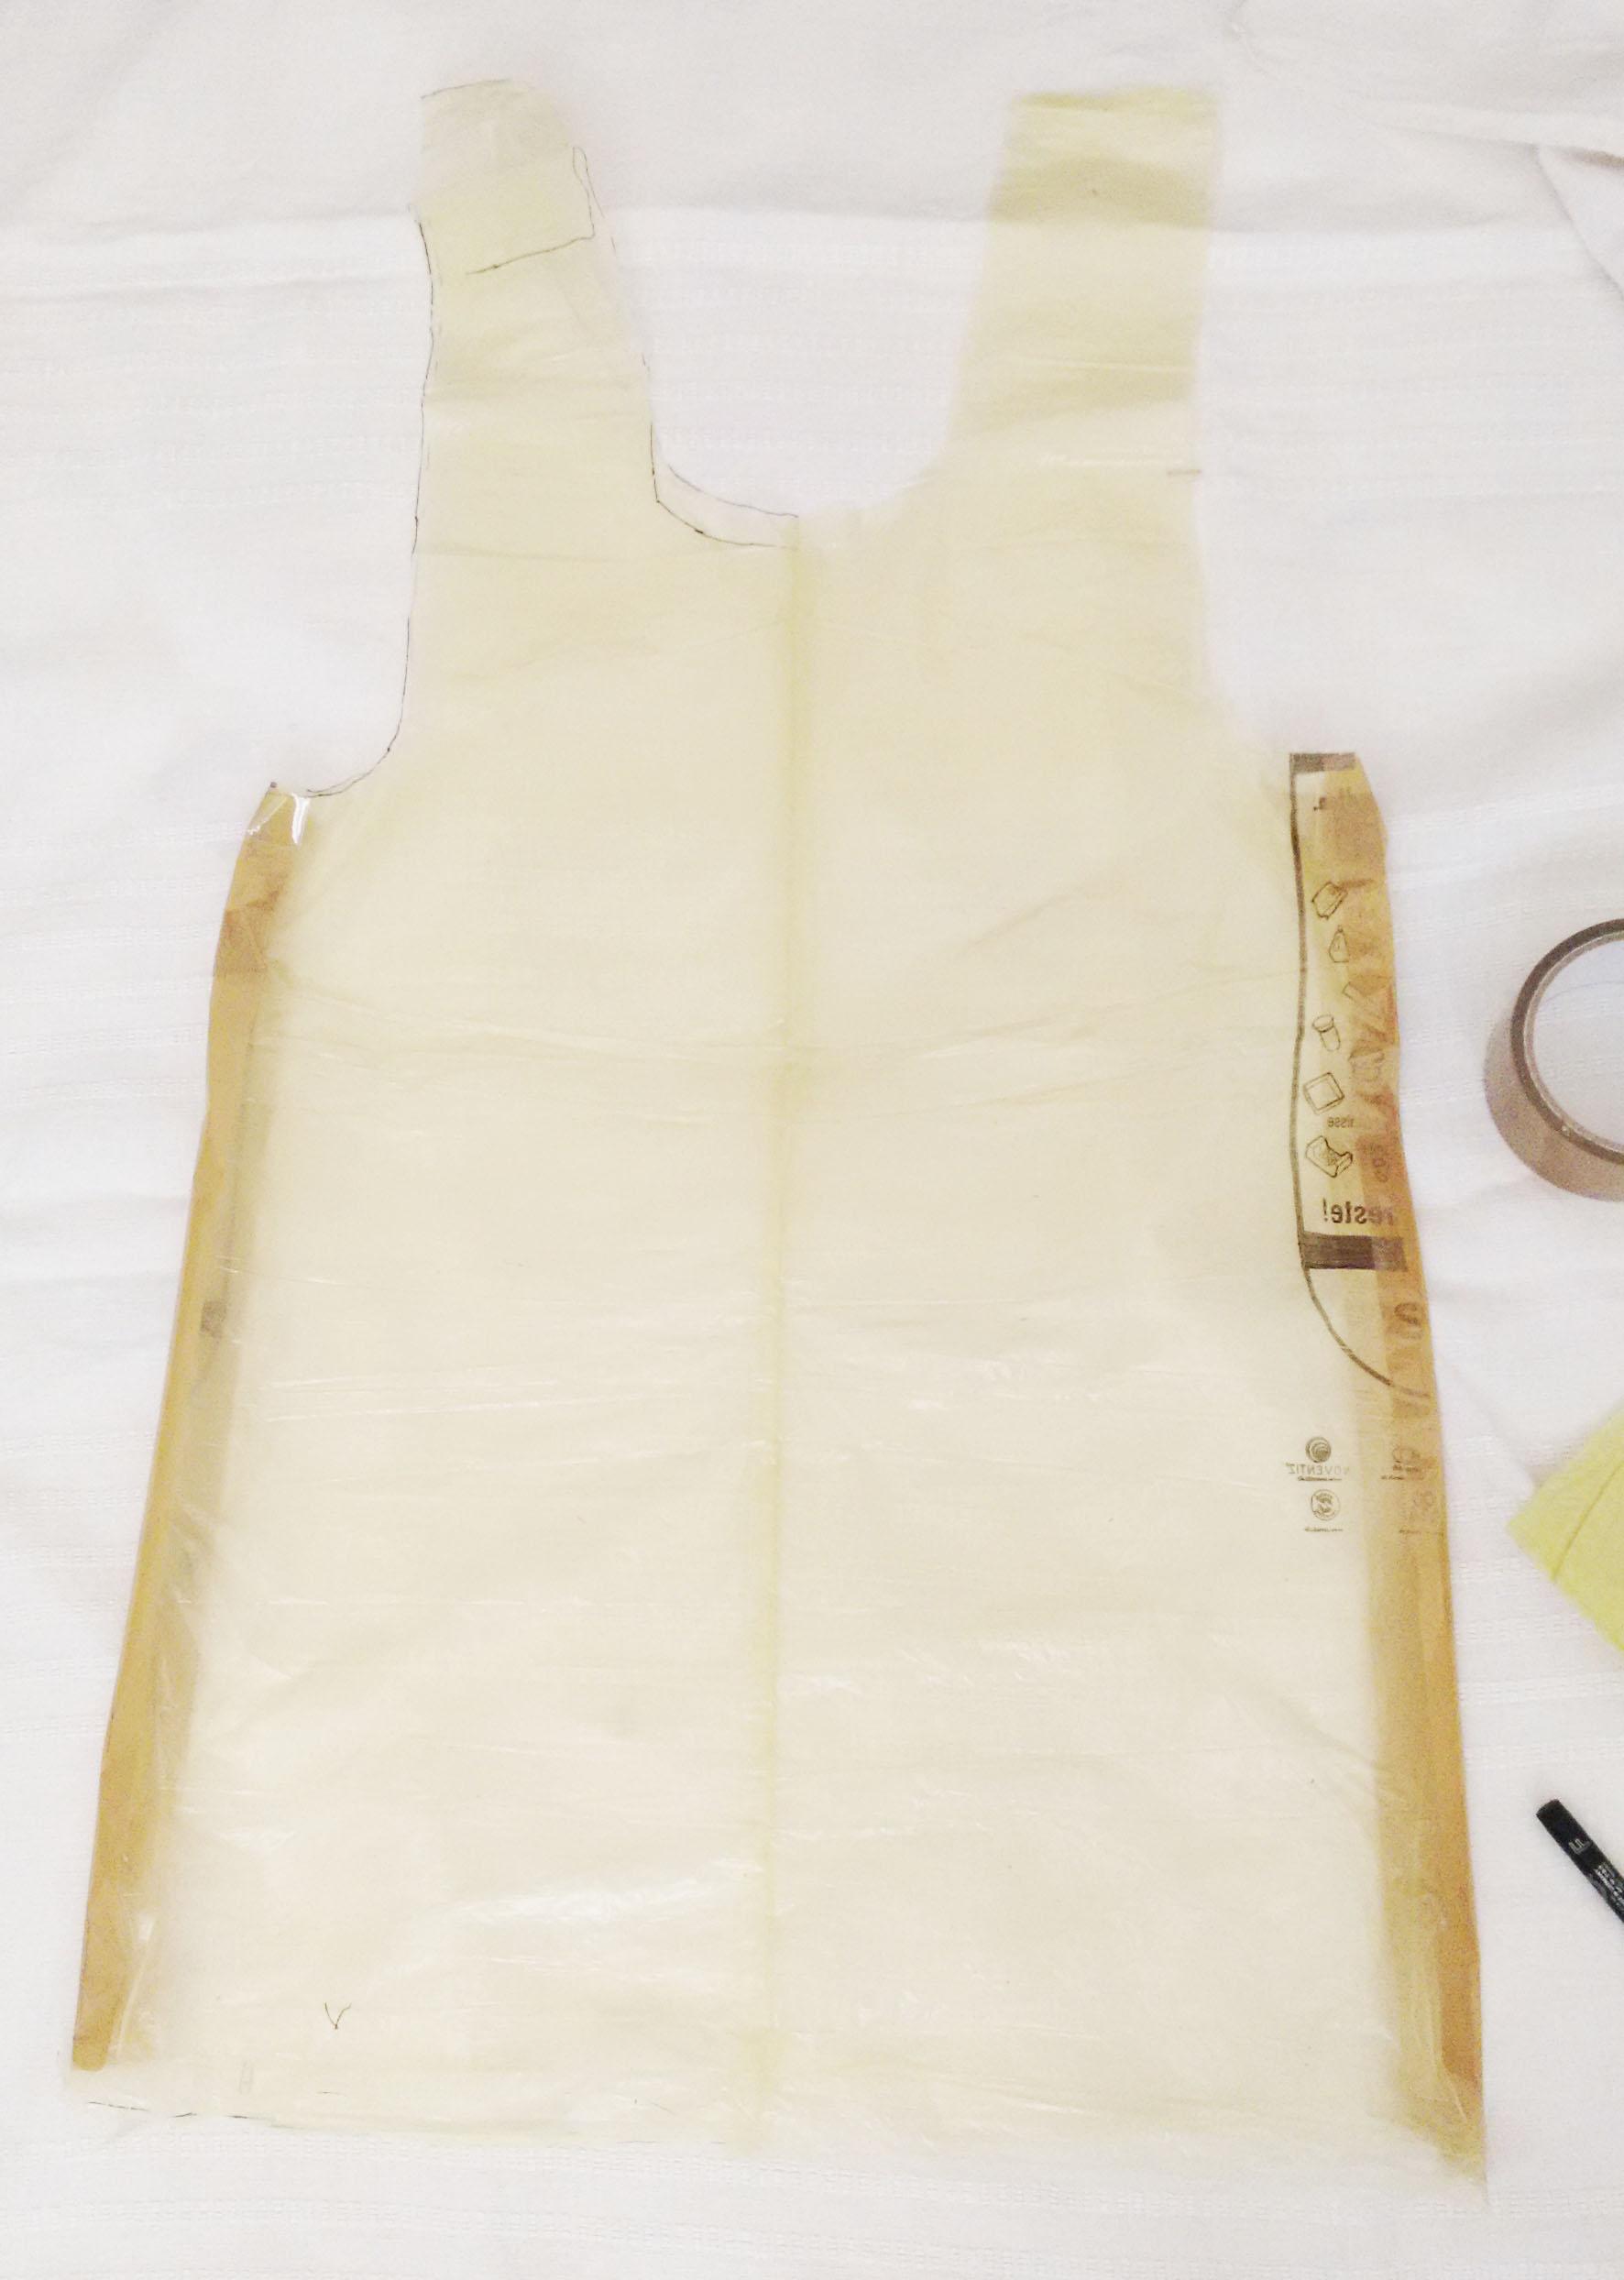 Probemodell aus gelben Säcken - Seiten mit Klebeband